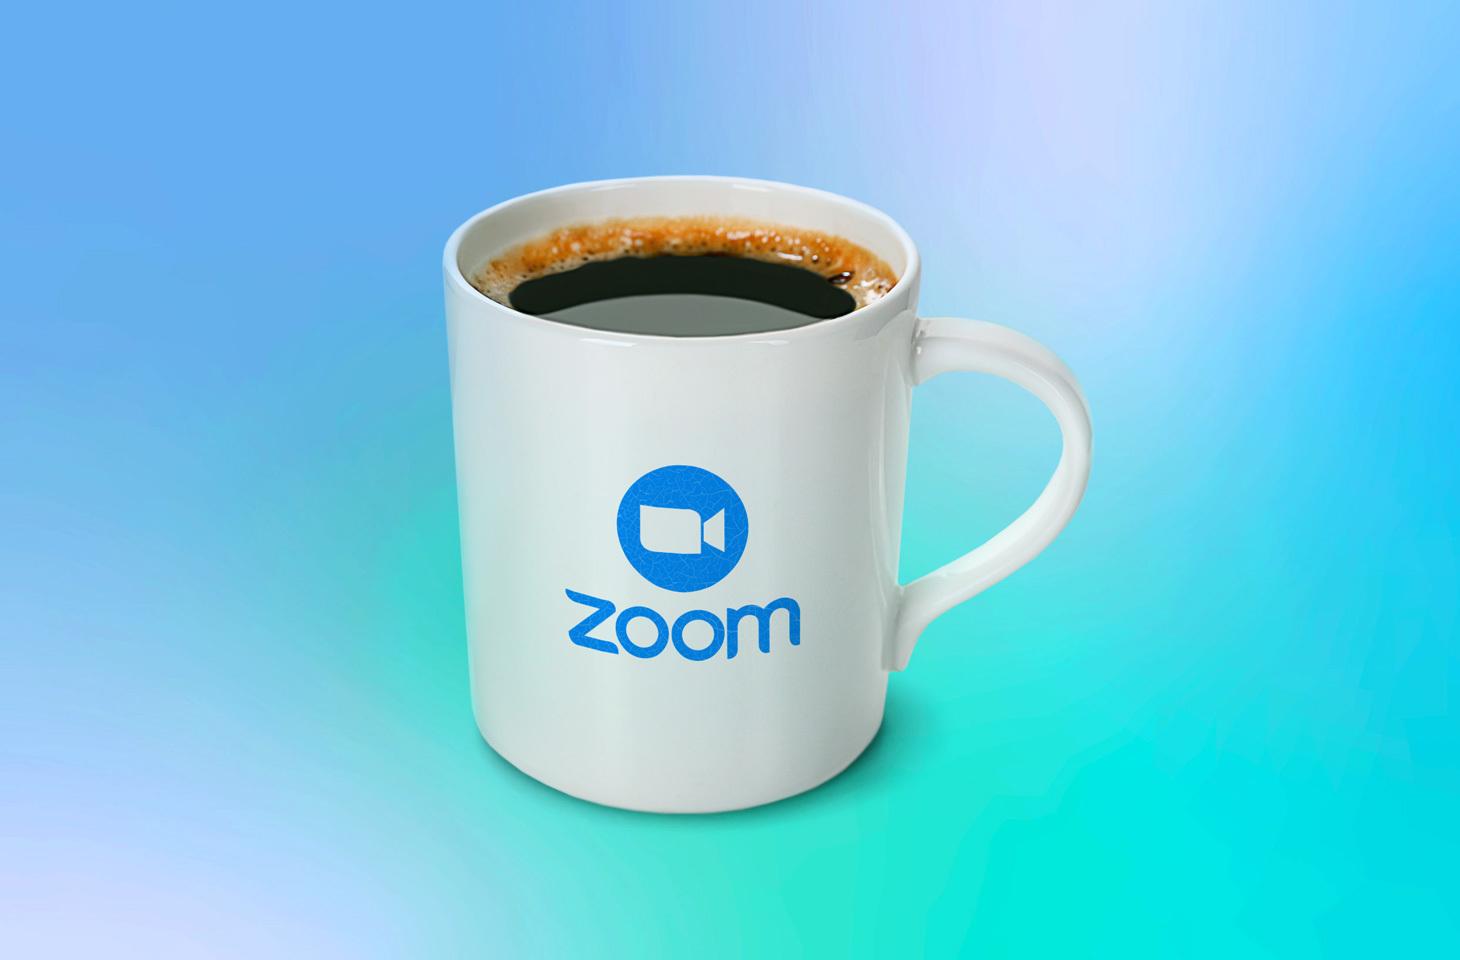 Zoomのエンドツーエンド暗号化はどう機能するか   カスペルスキー公式ブログ